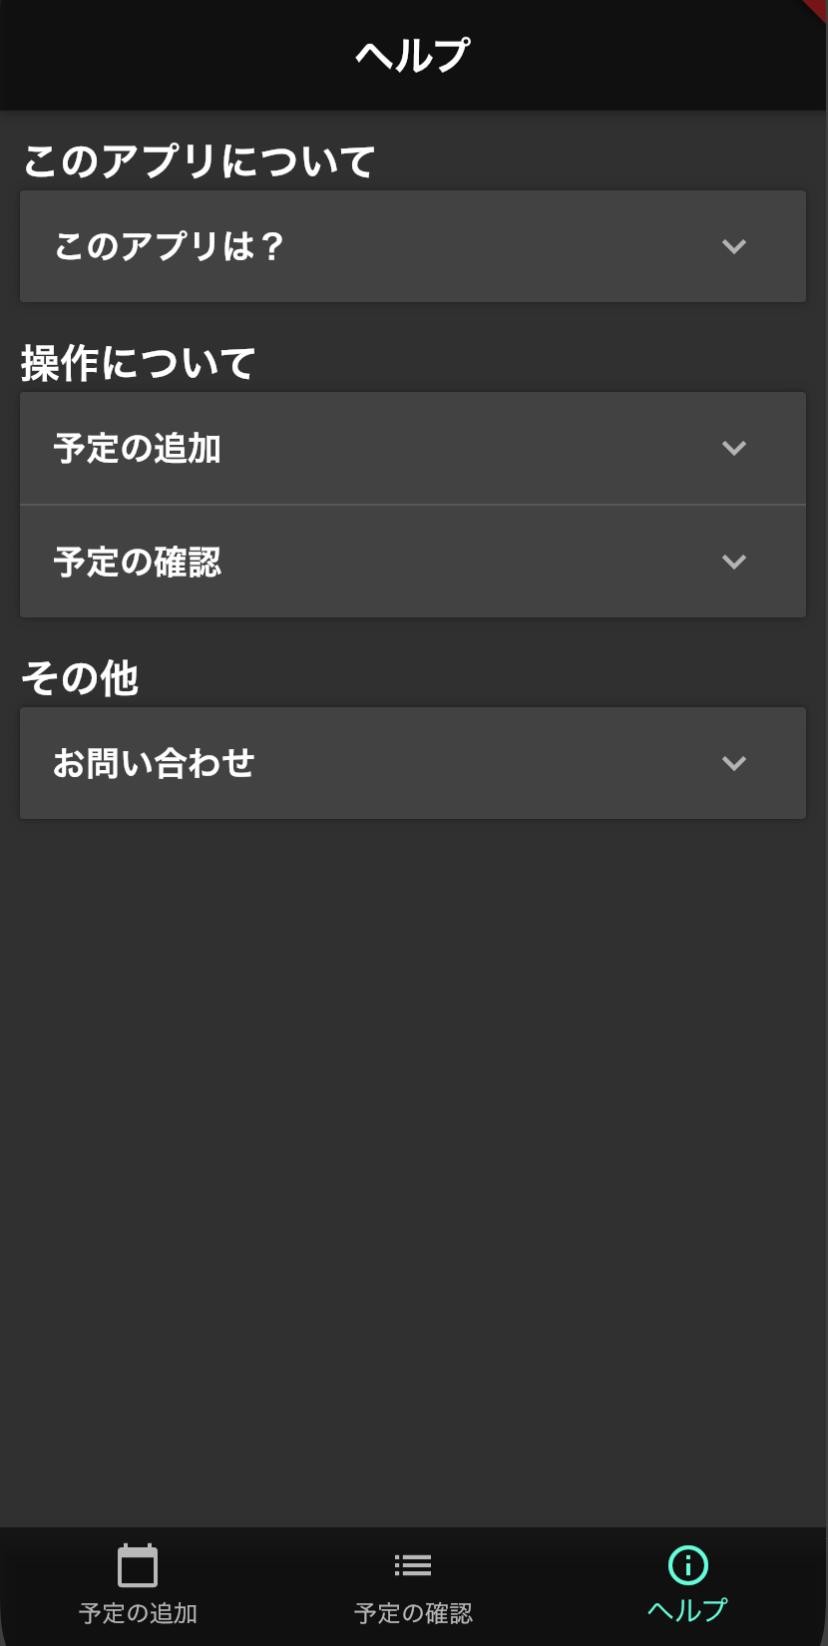 スクリーンショット 2019-12-06 10.13.17.png